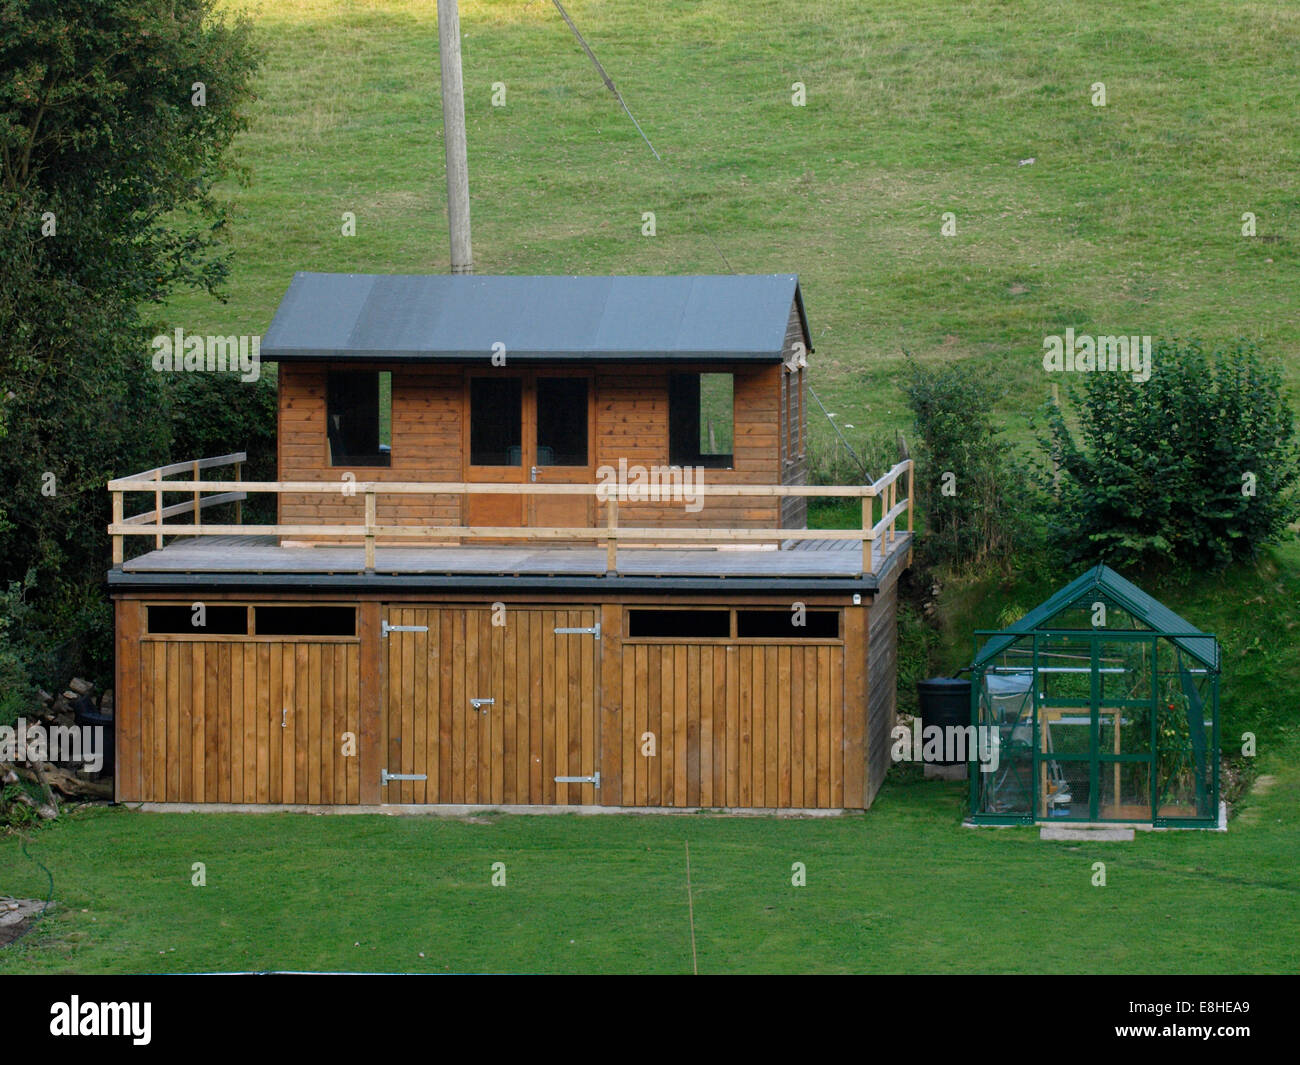 Two Storey Shed With Balcony Devon Uk Stock Photo